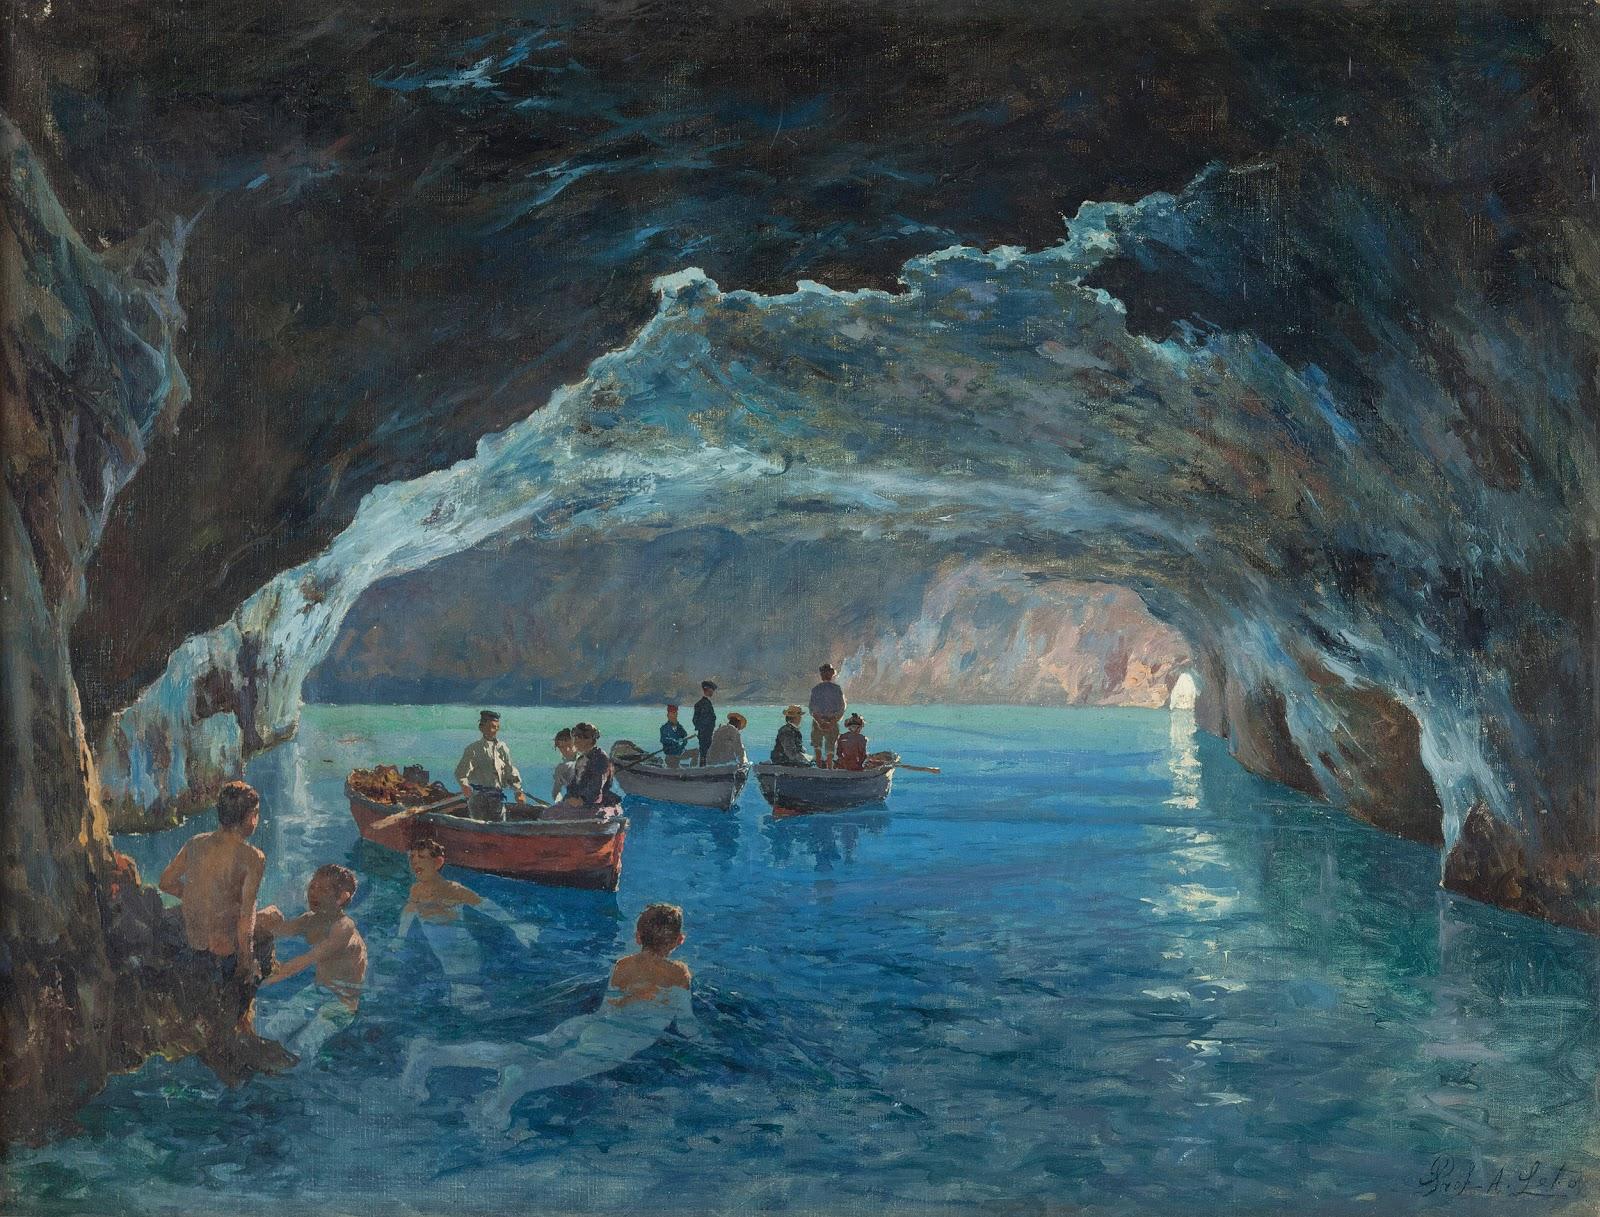 Antonino Leto La grotta azzurra